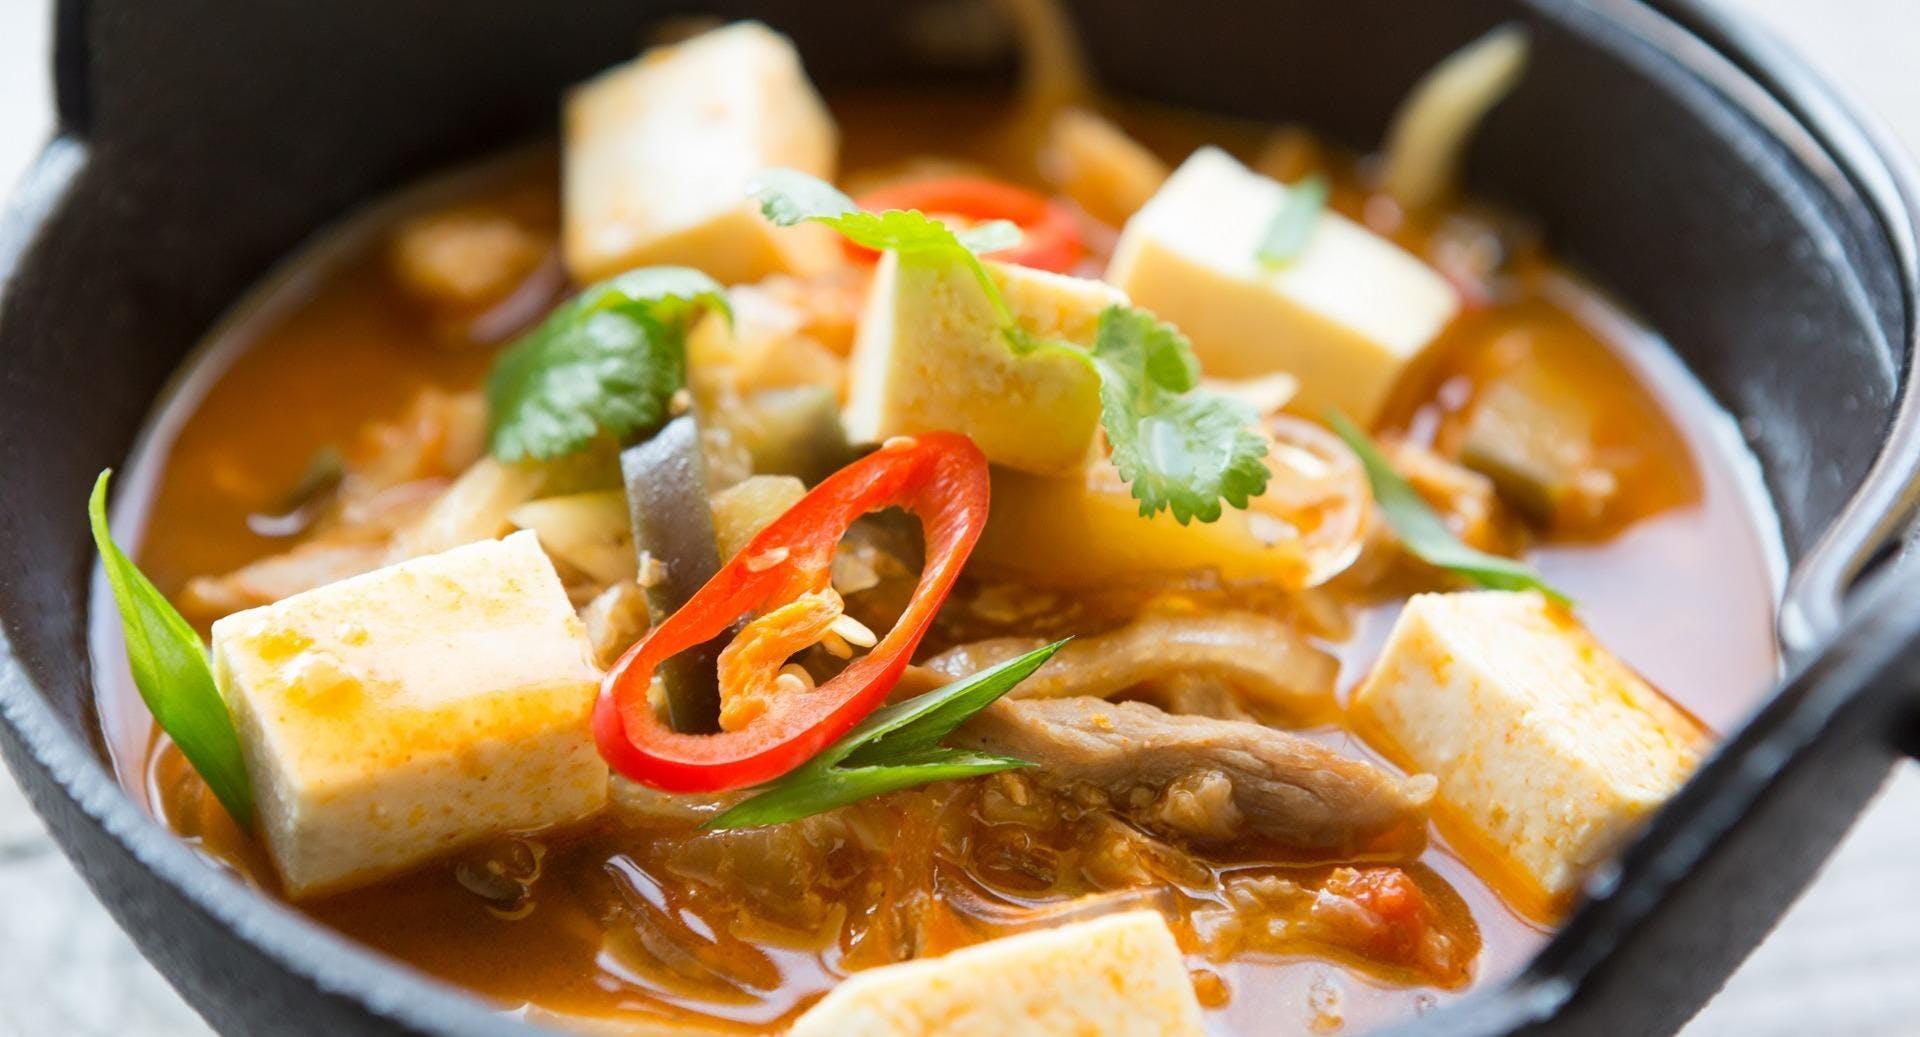 Das Kimchi Wien image 1